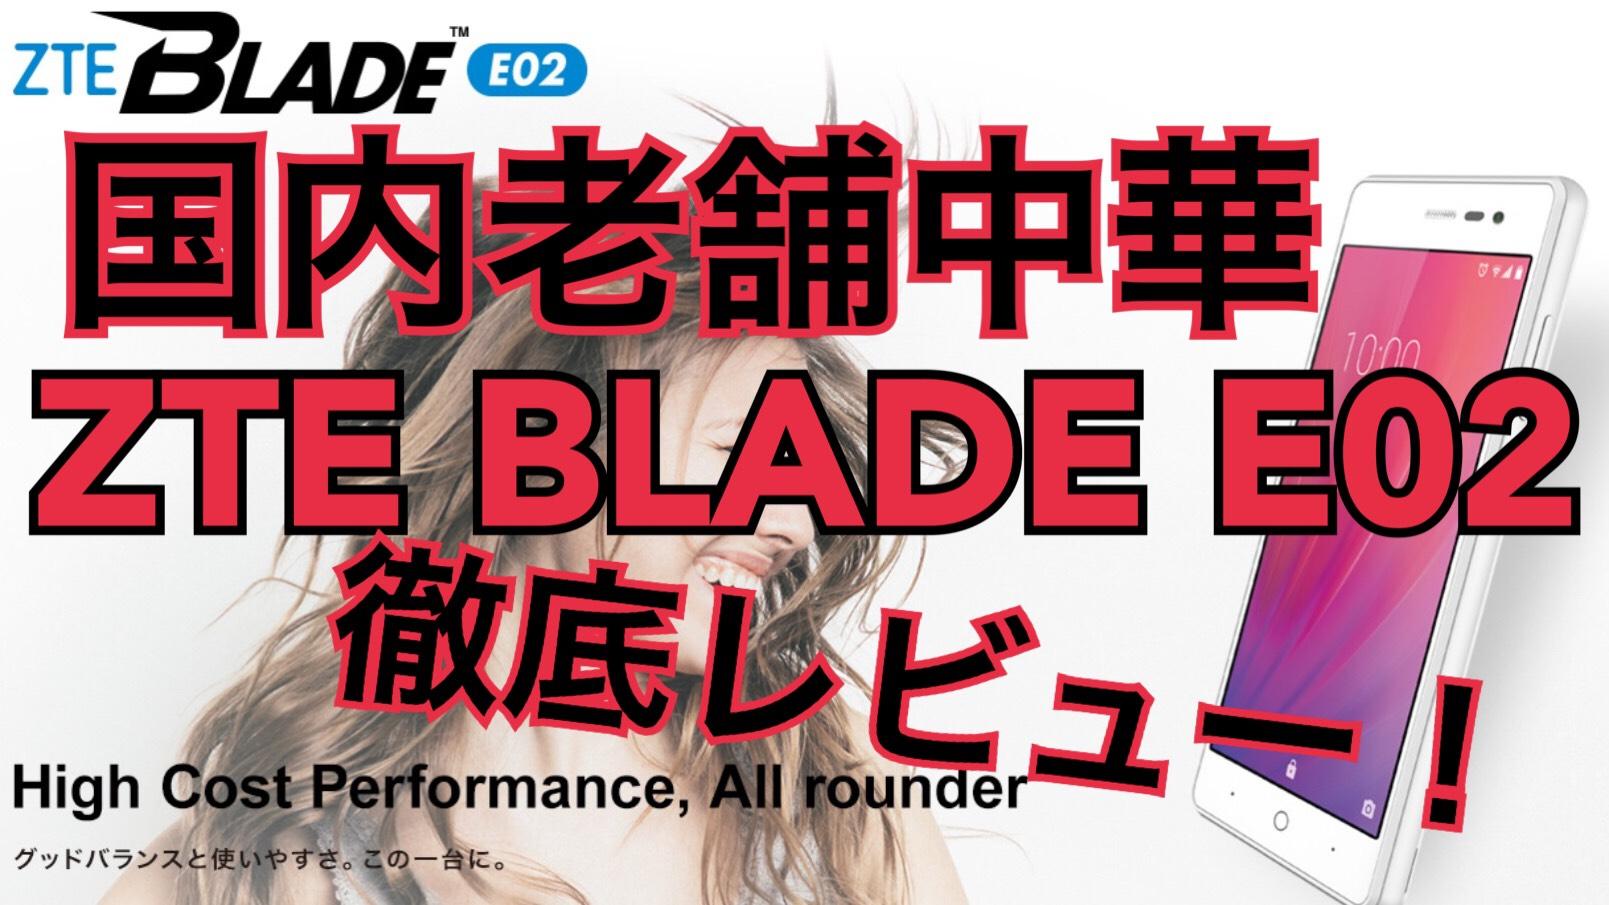 zte blade e02 eyecatch